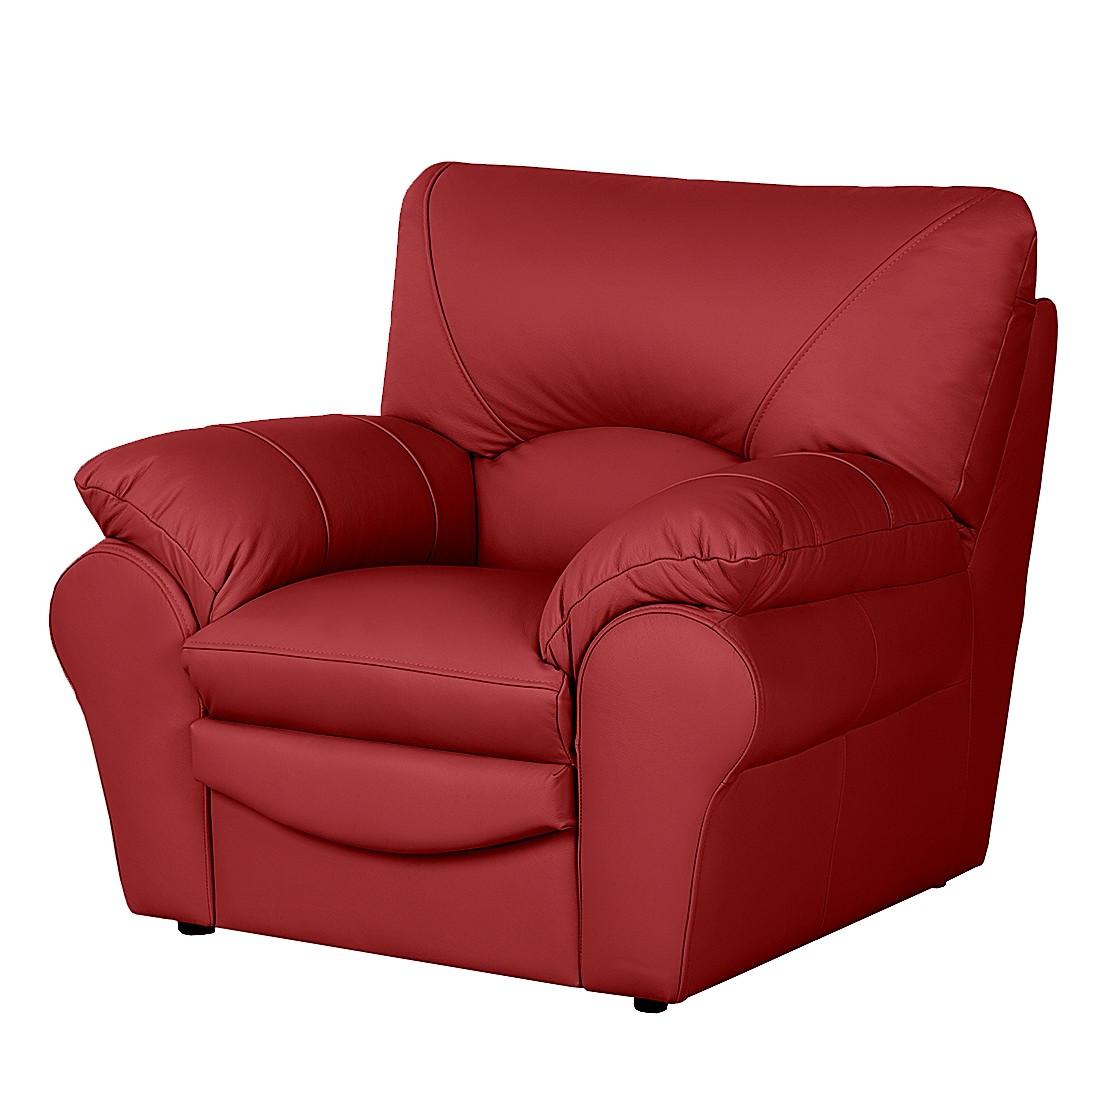 Fauteuil Torsby - Cuir véritable rouge, Nuovoform